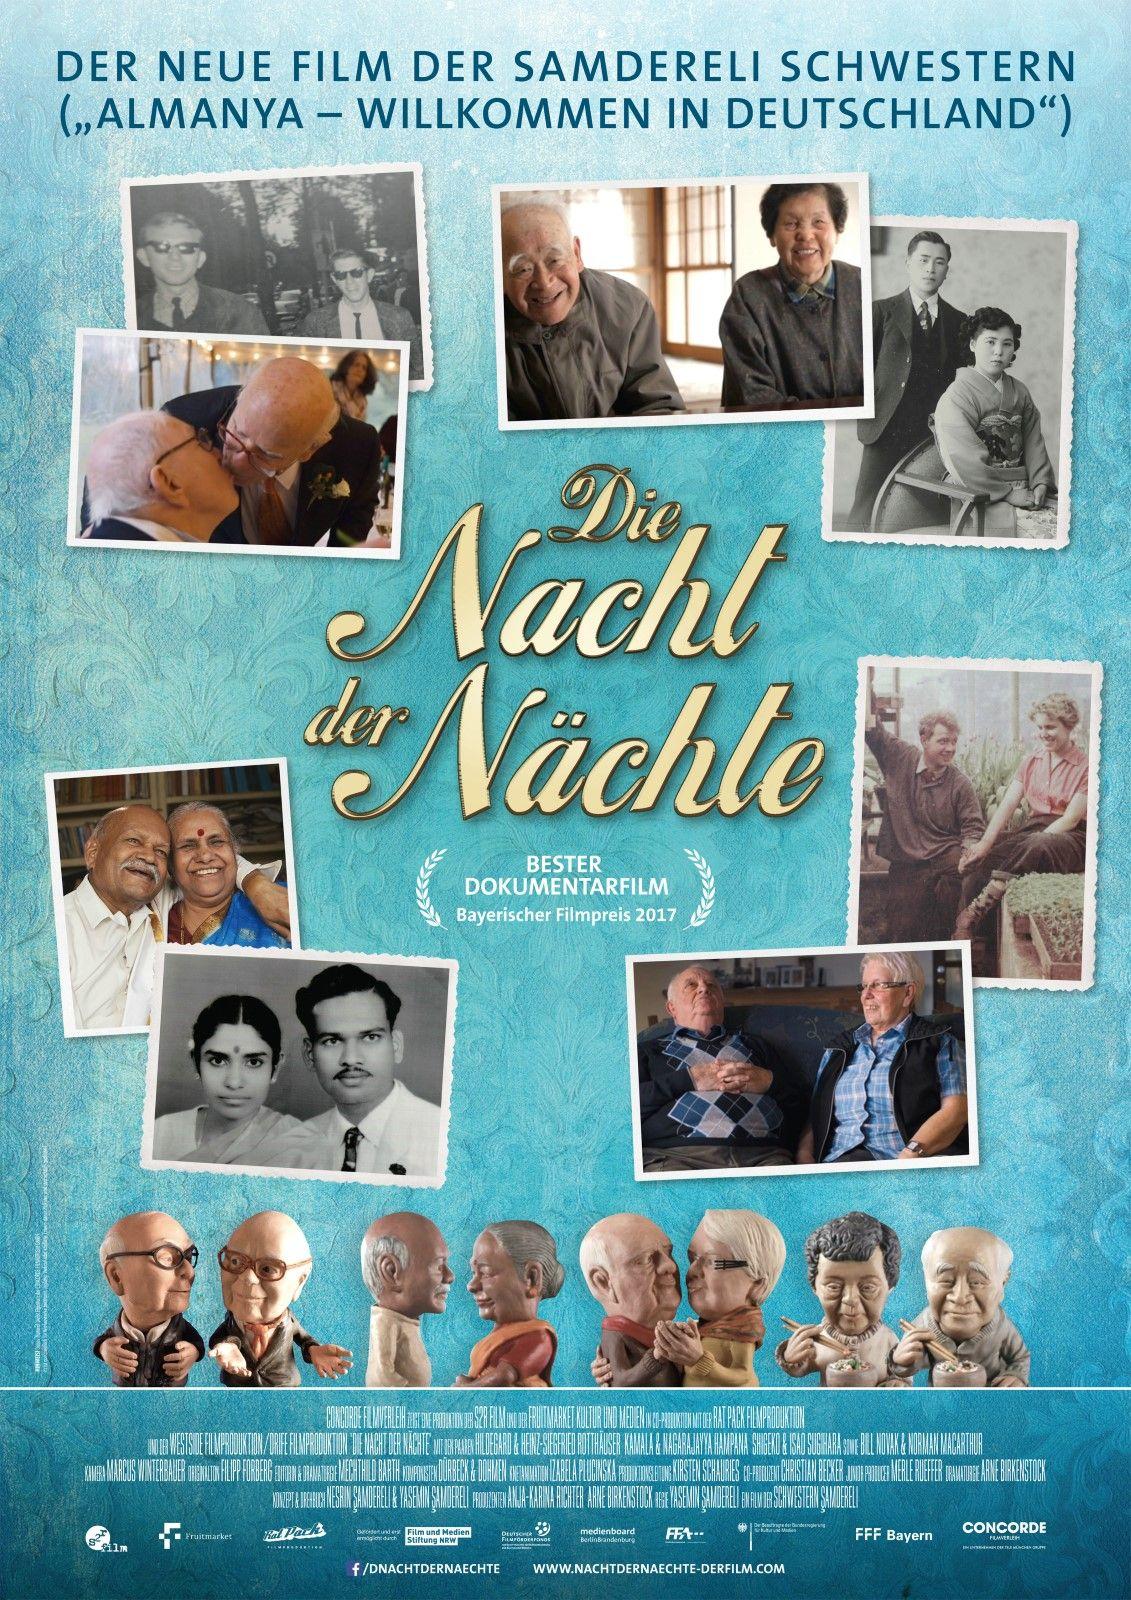 Die Nacht Der Nachte Ein Film Von Yasemin Samdereli Und Nesrin Samdereli Inhaltsangabe Unsere Gesellschaf Ganze Filme Filme Almanya Willkommen In Deutschland